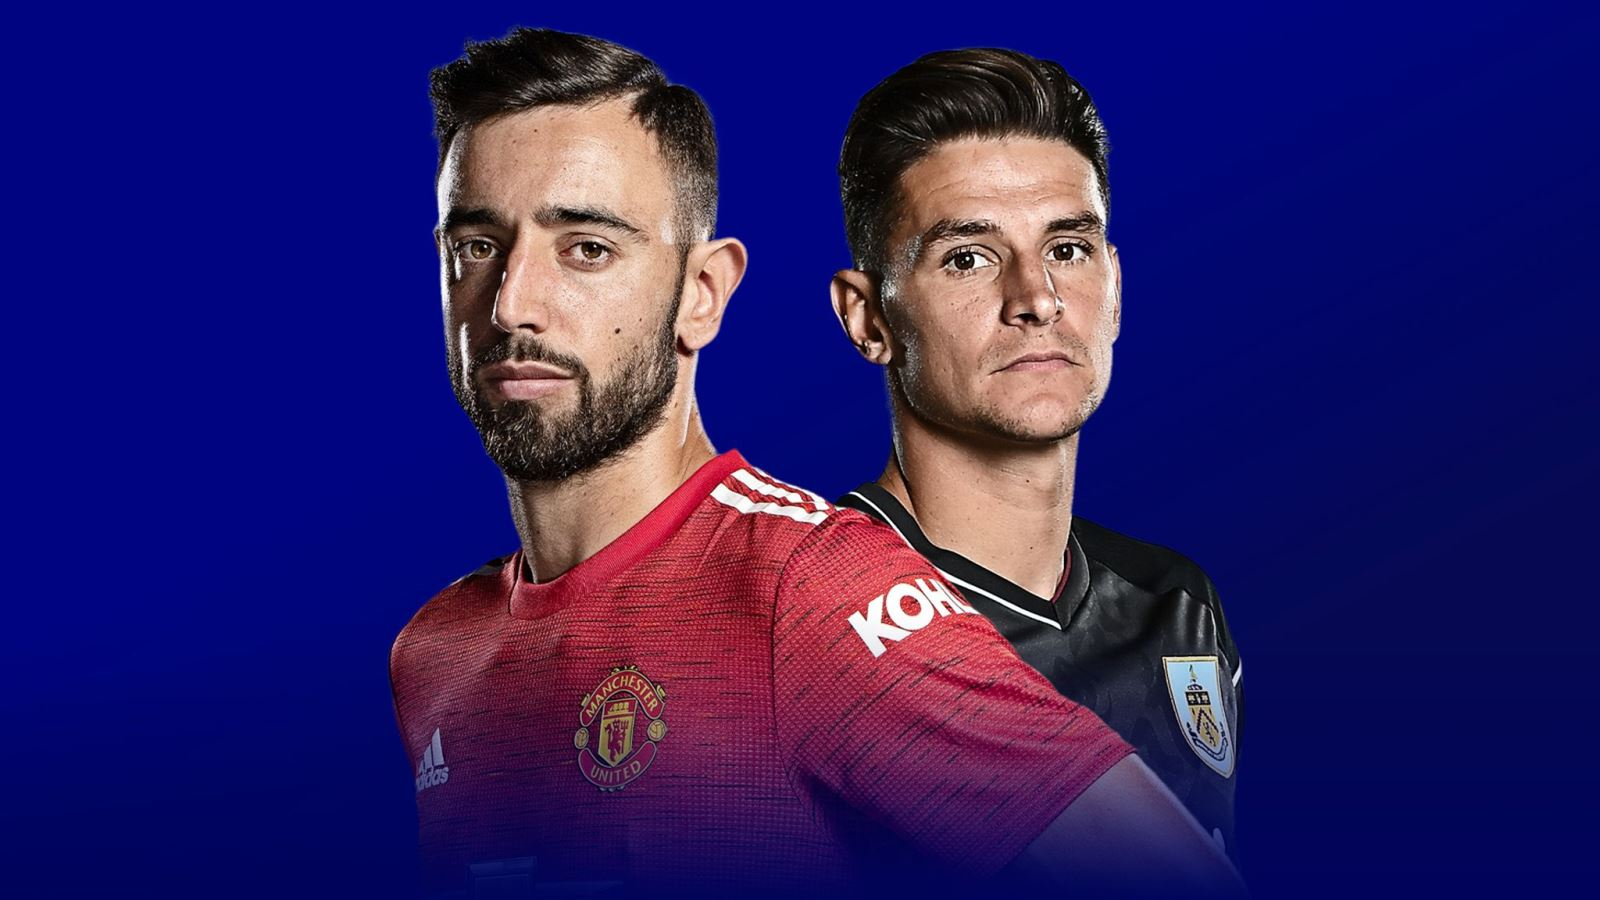 Lịch thi đấu bóng đá hôm nay. Trực tiếp MU vs Burnley, Arsenal vs Fulham. K+, K+PM